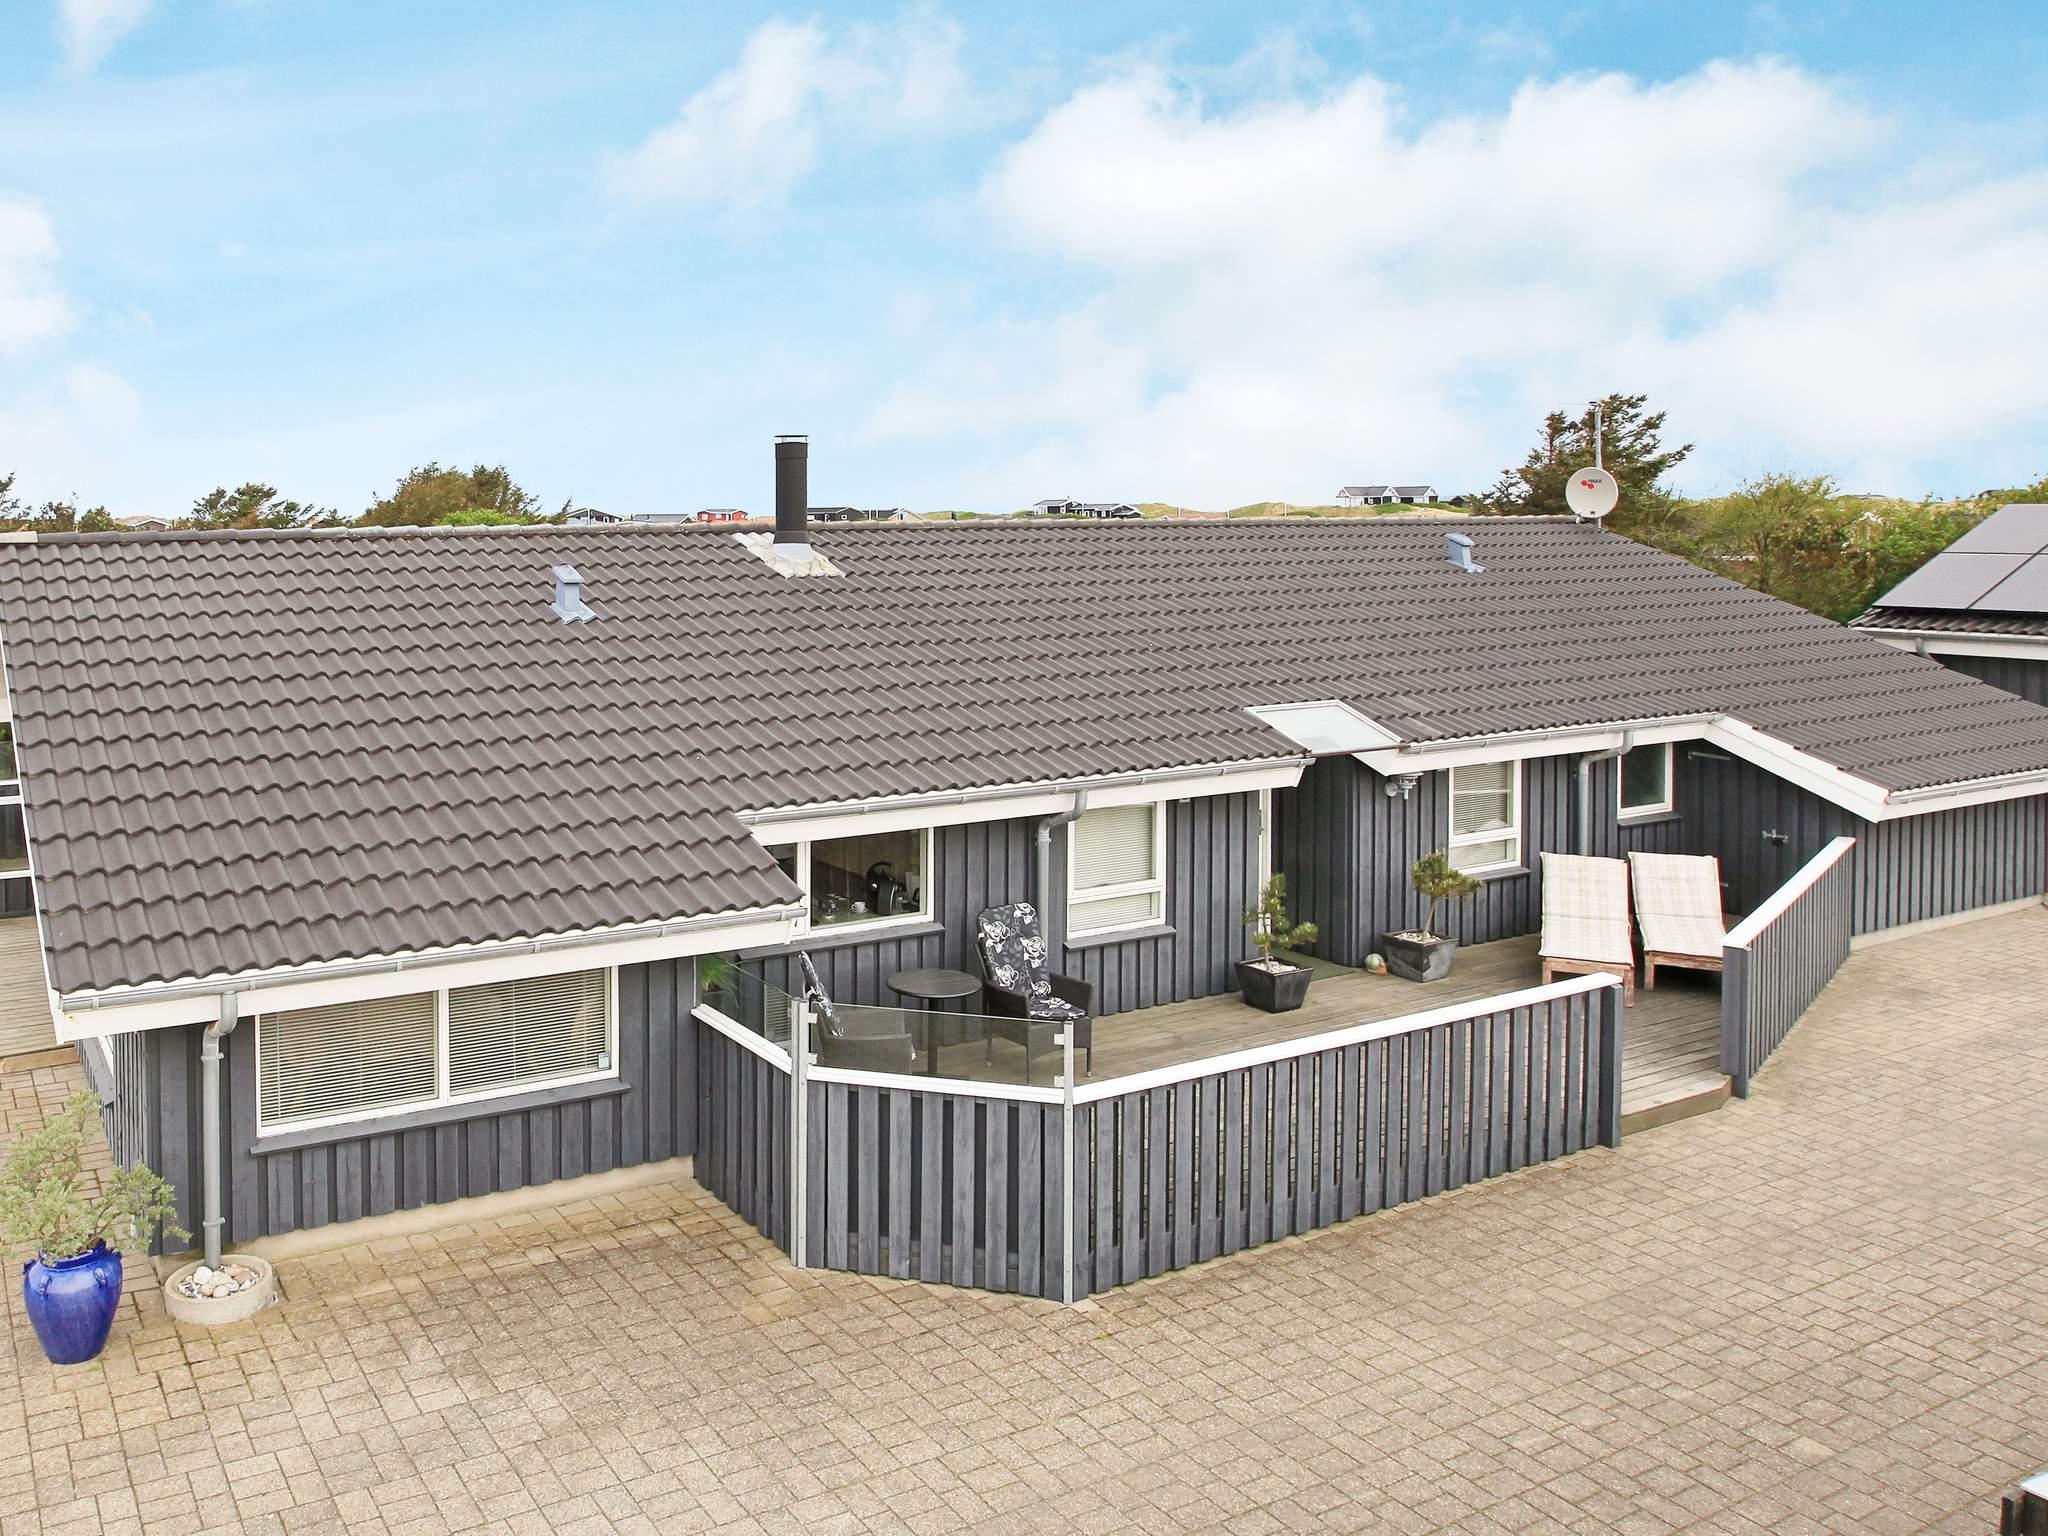 Ferienhaus Løkken (84203), Løkken, , Nordwestjütland, Dänemark, Bild 16